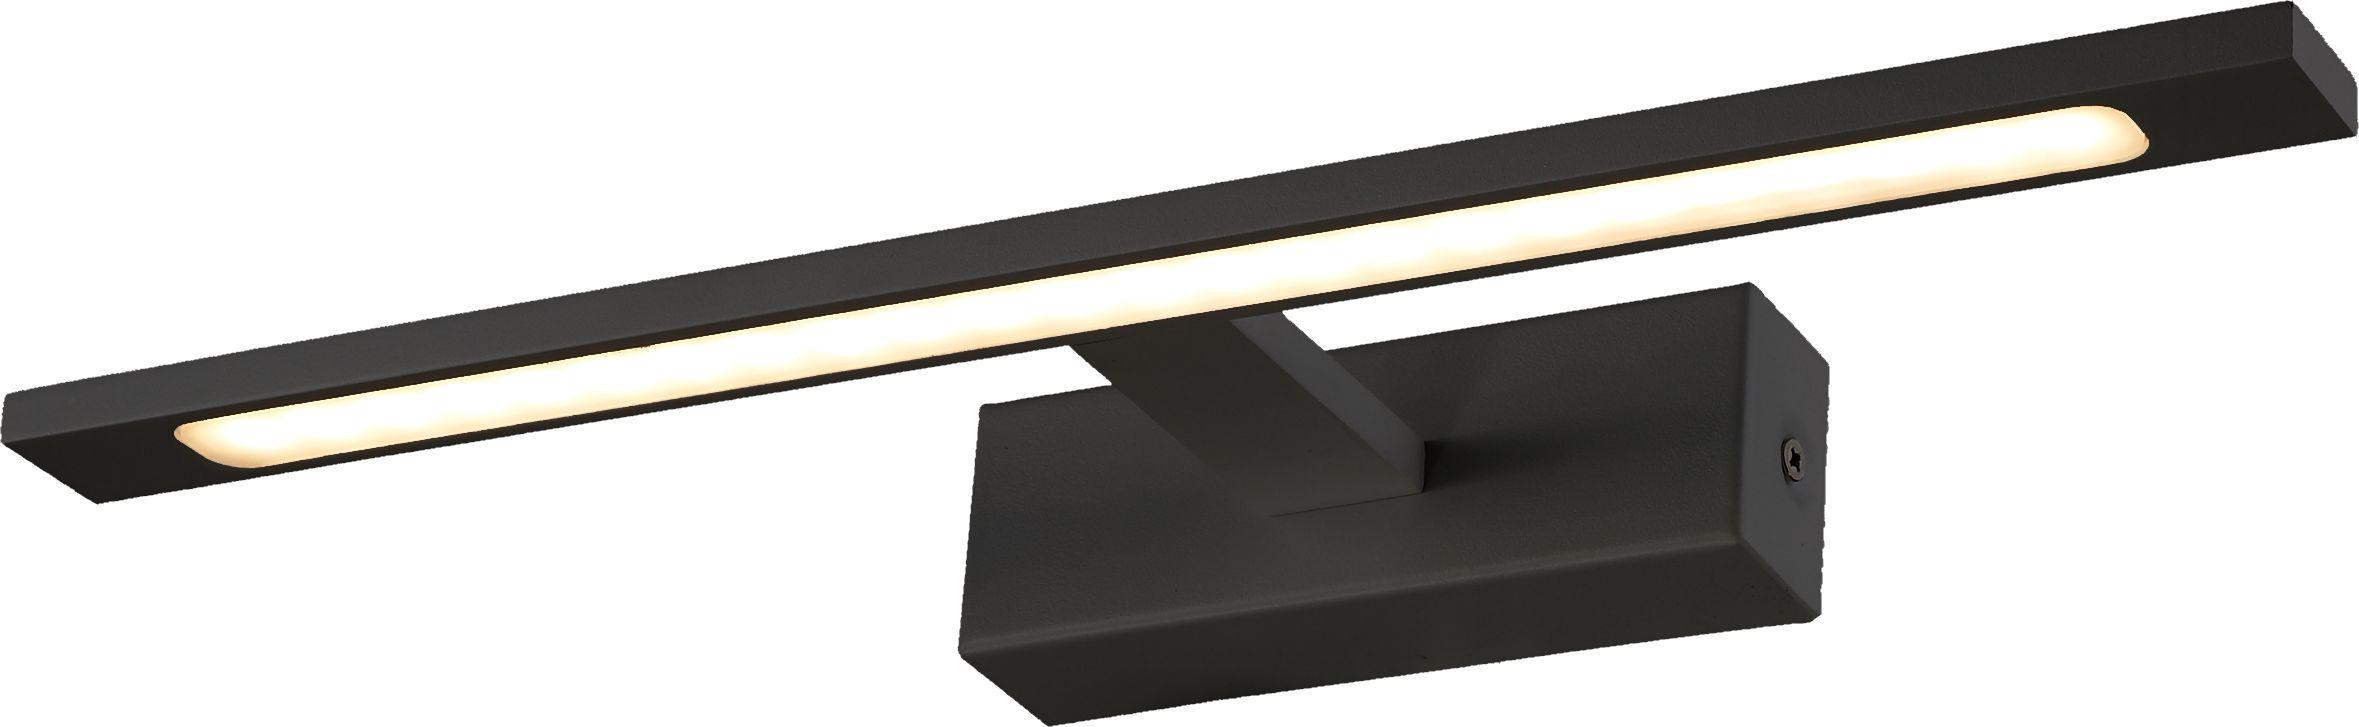 Light Prestige Isla GS-LWB-12W BK kinkiet lampa ścienna metalowa łazienkowy czarny LED 12W 4000K IP44 41cm